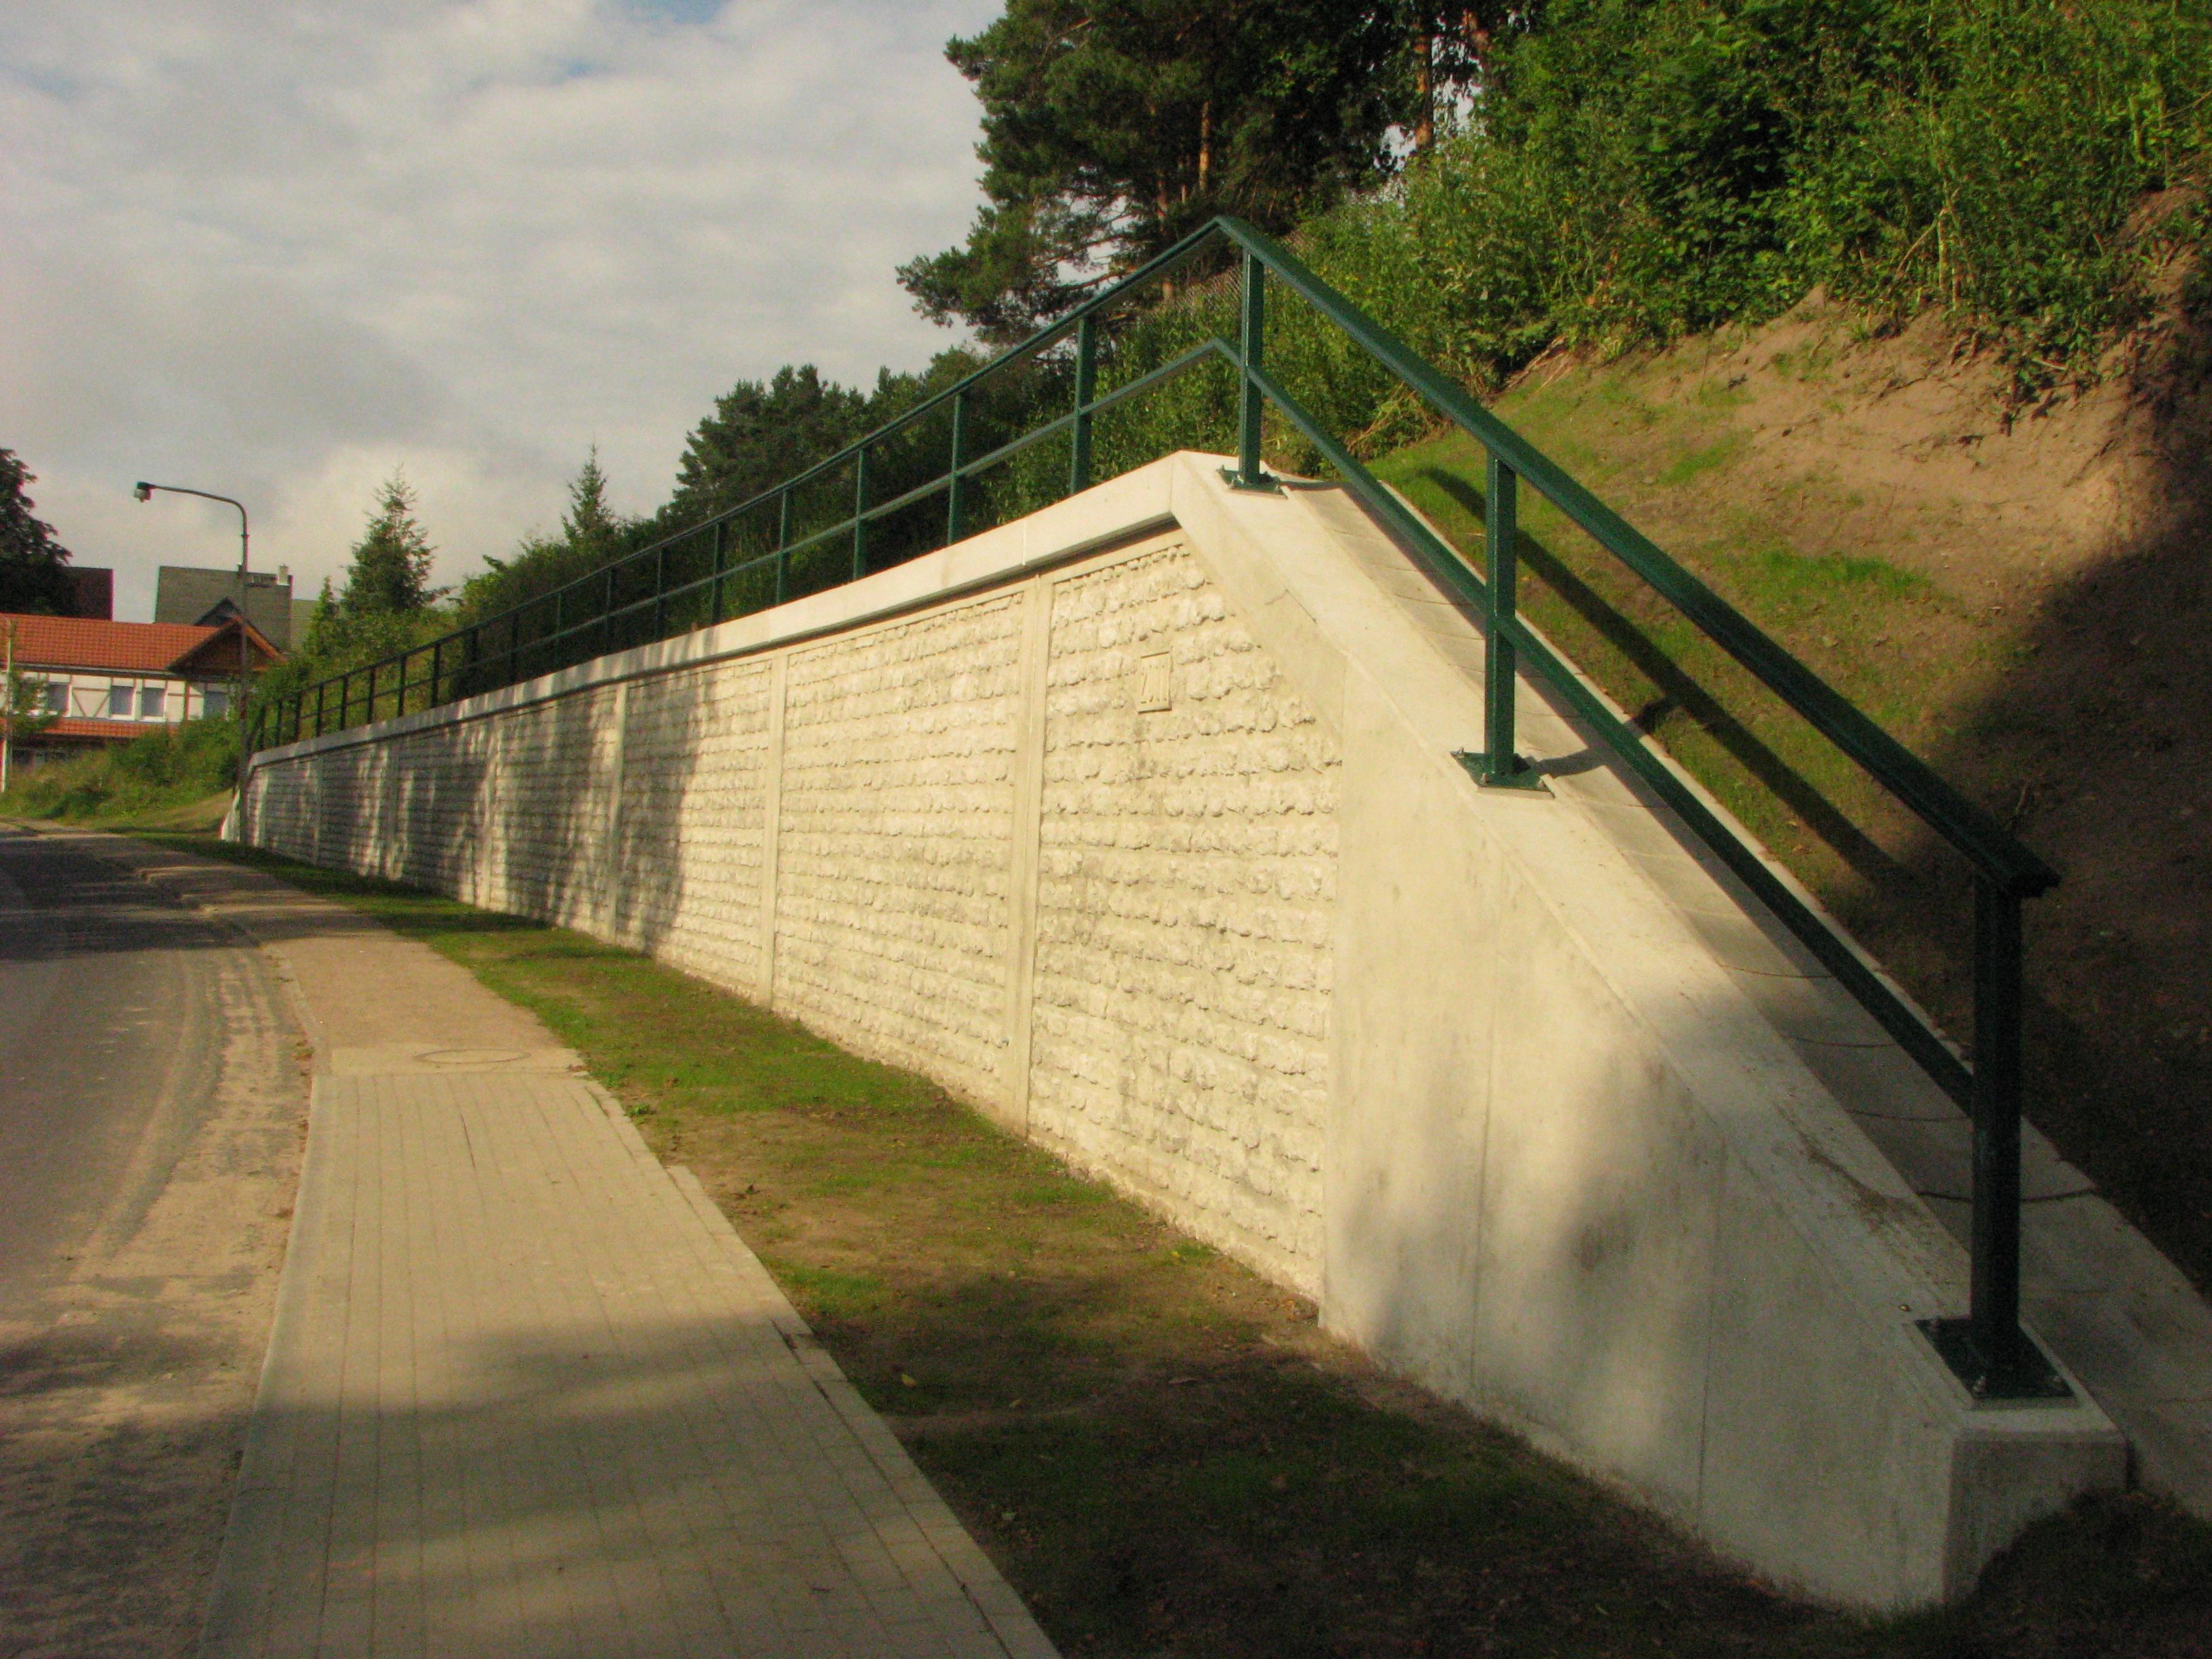 Ersatzneubau einer Stützwand zur Böschungssicherung in Feldberg